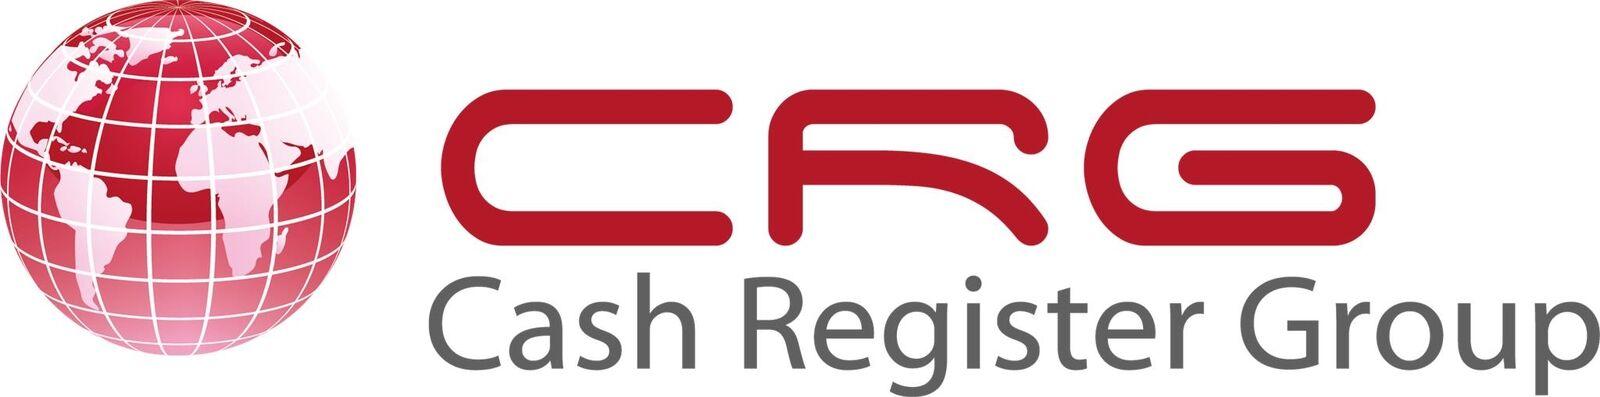 Cash Register Group 0800 161 5688